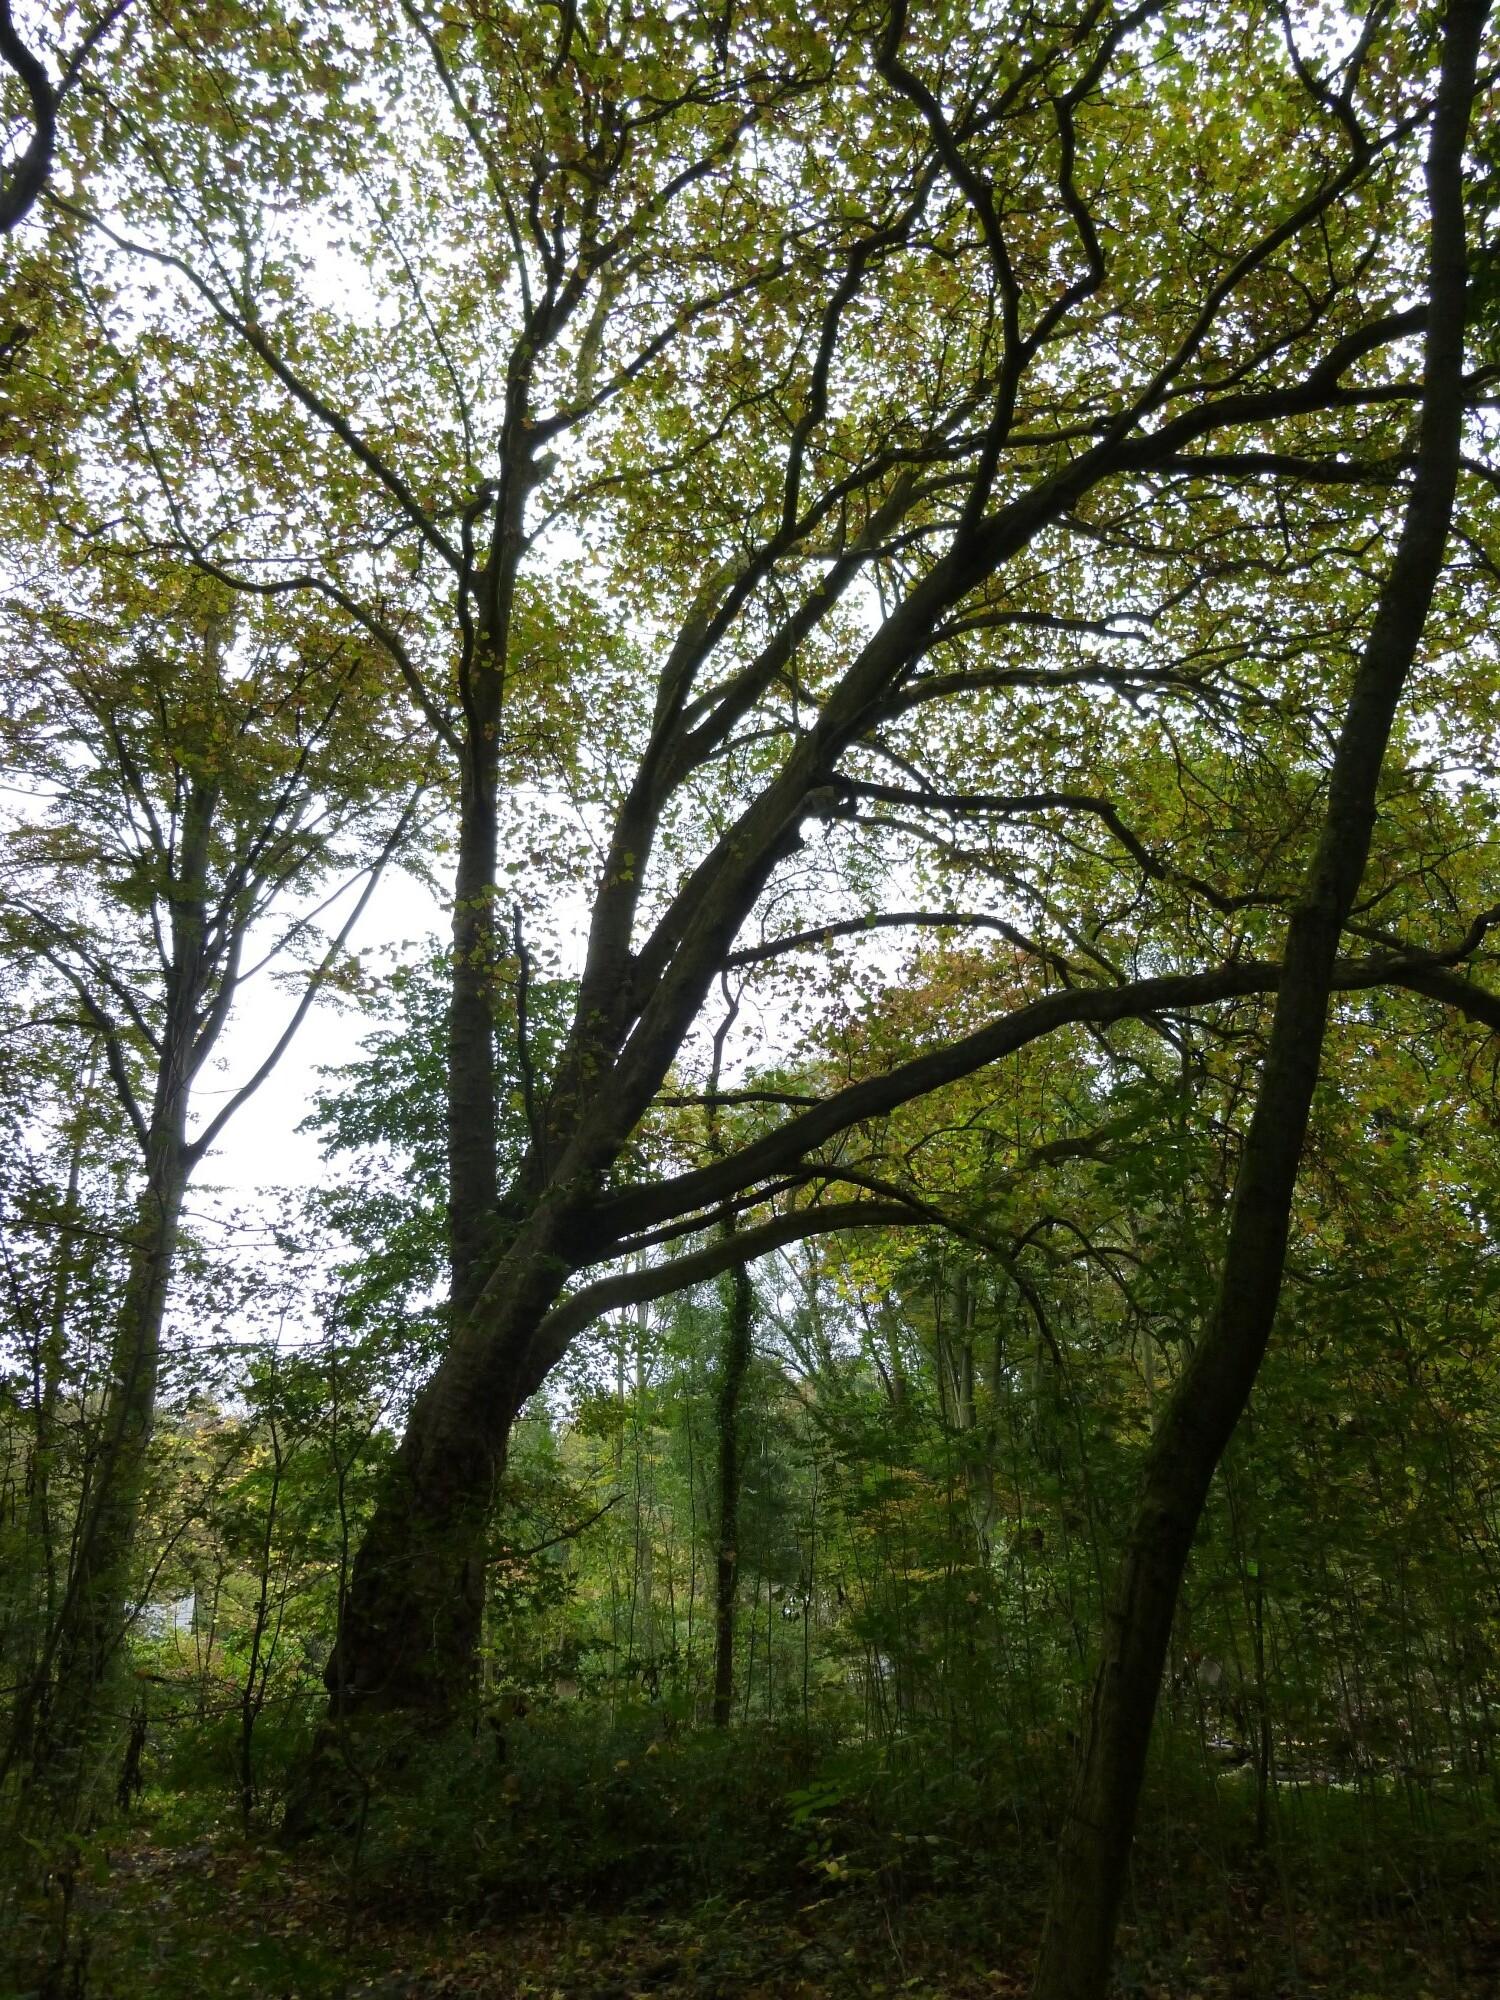 Platane à feuille d'érable – Uccle, Kinsendael, Rue Engeland –  25 Octobre 2013